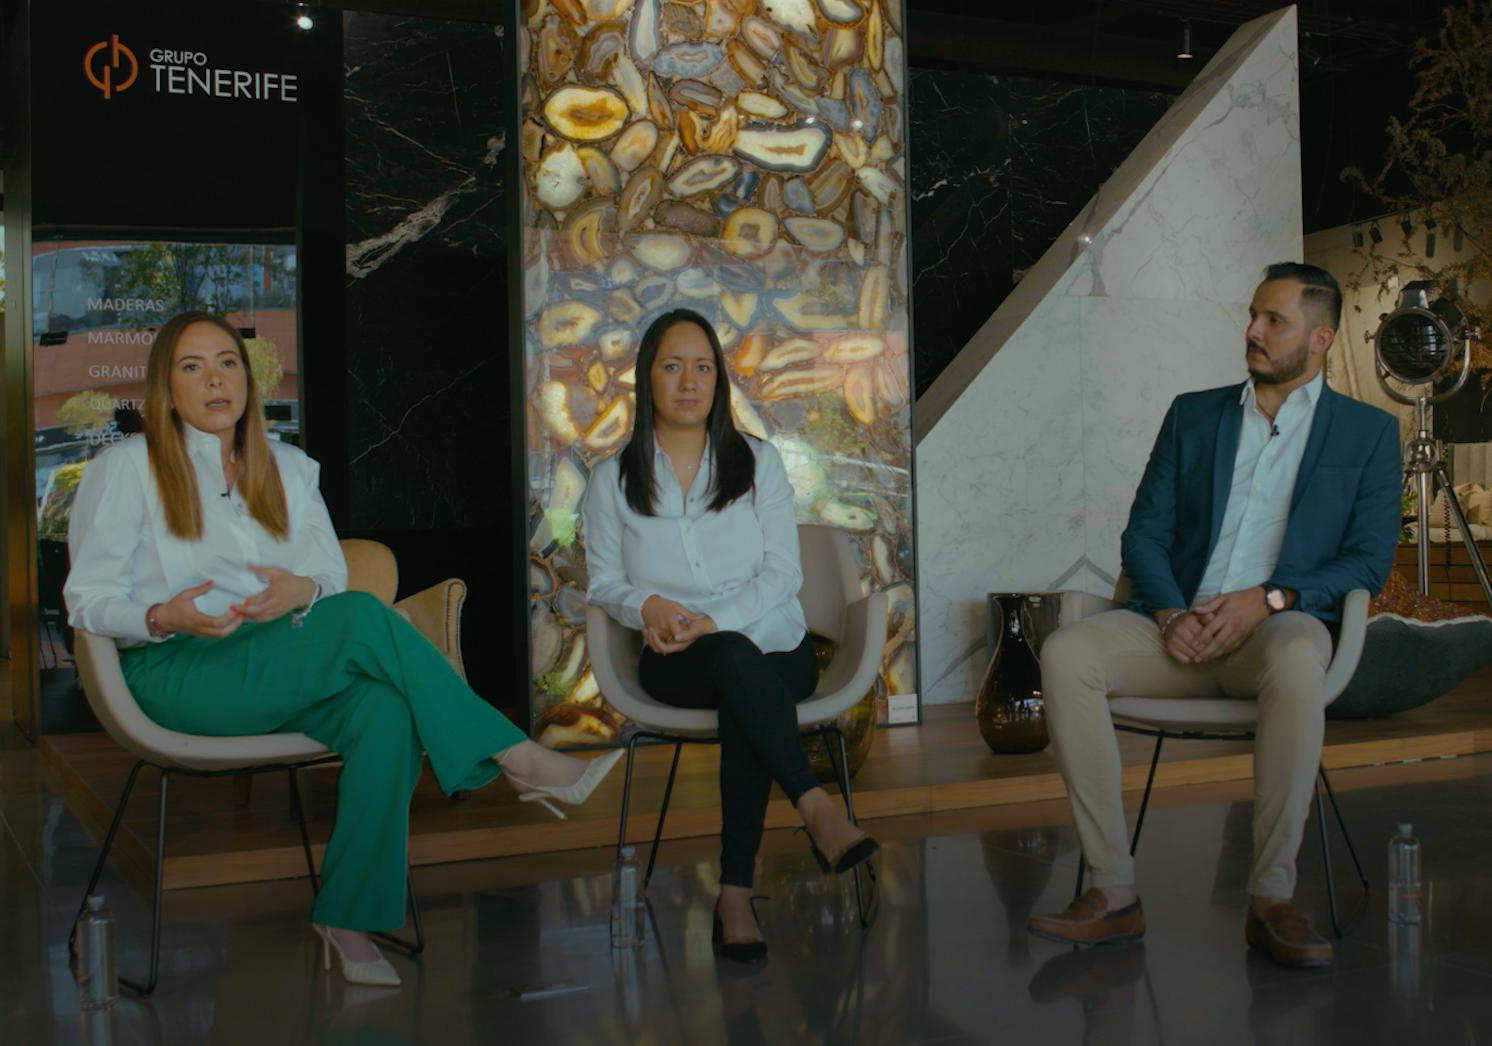 Grupo Tenerife, Idelika y Sofi's Home se unen para impulsar el diseño en Punto Sur